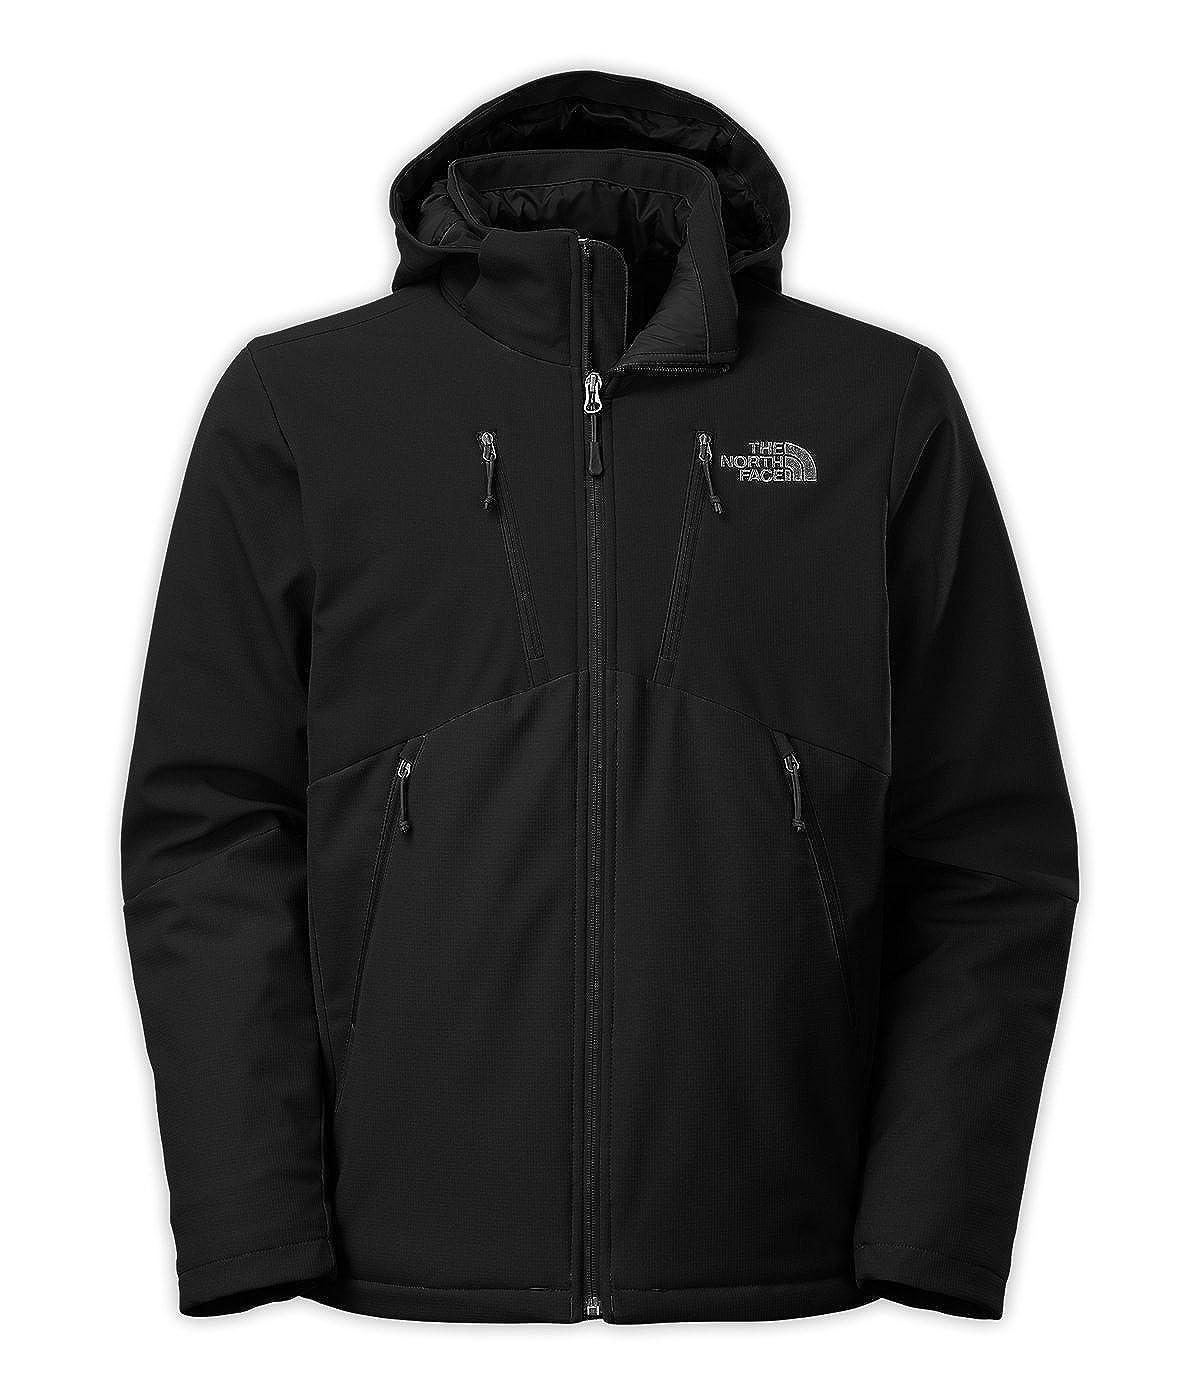 (ザ ノース フェース) The North Face ザ ノース フェース 紳士用アペックス エレベーション ジャケット TNF ブラック Lサイズ (並行輸入) B00GSWSLEG